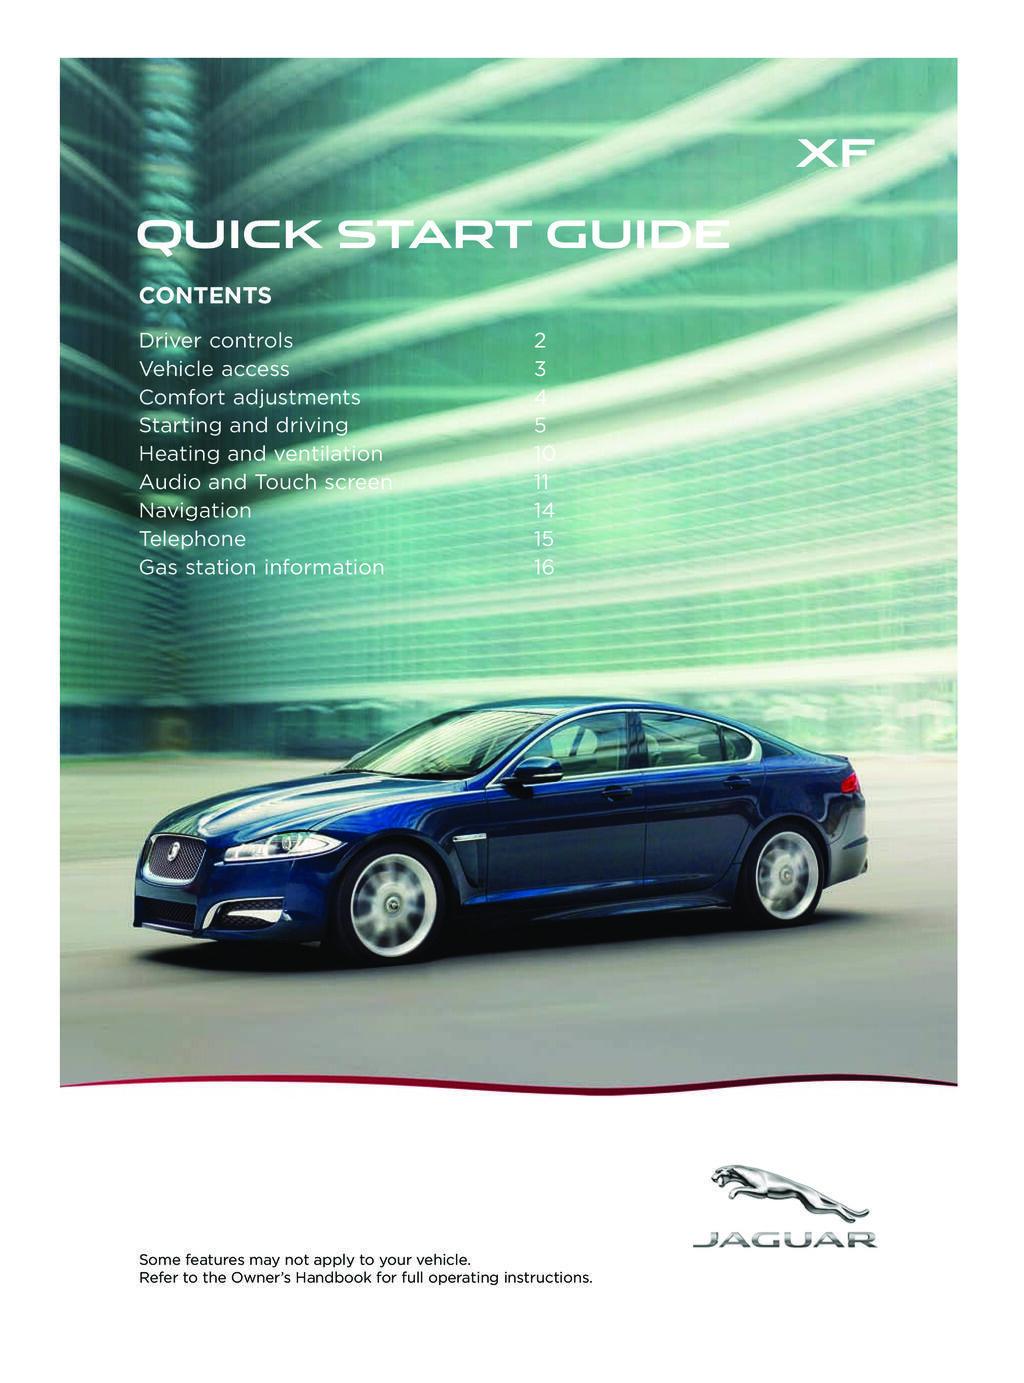 2014 Jaguar Xf owners manual